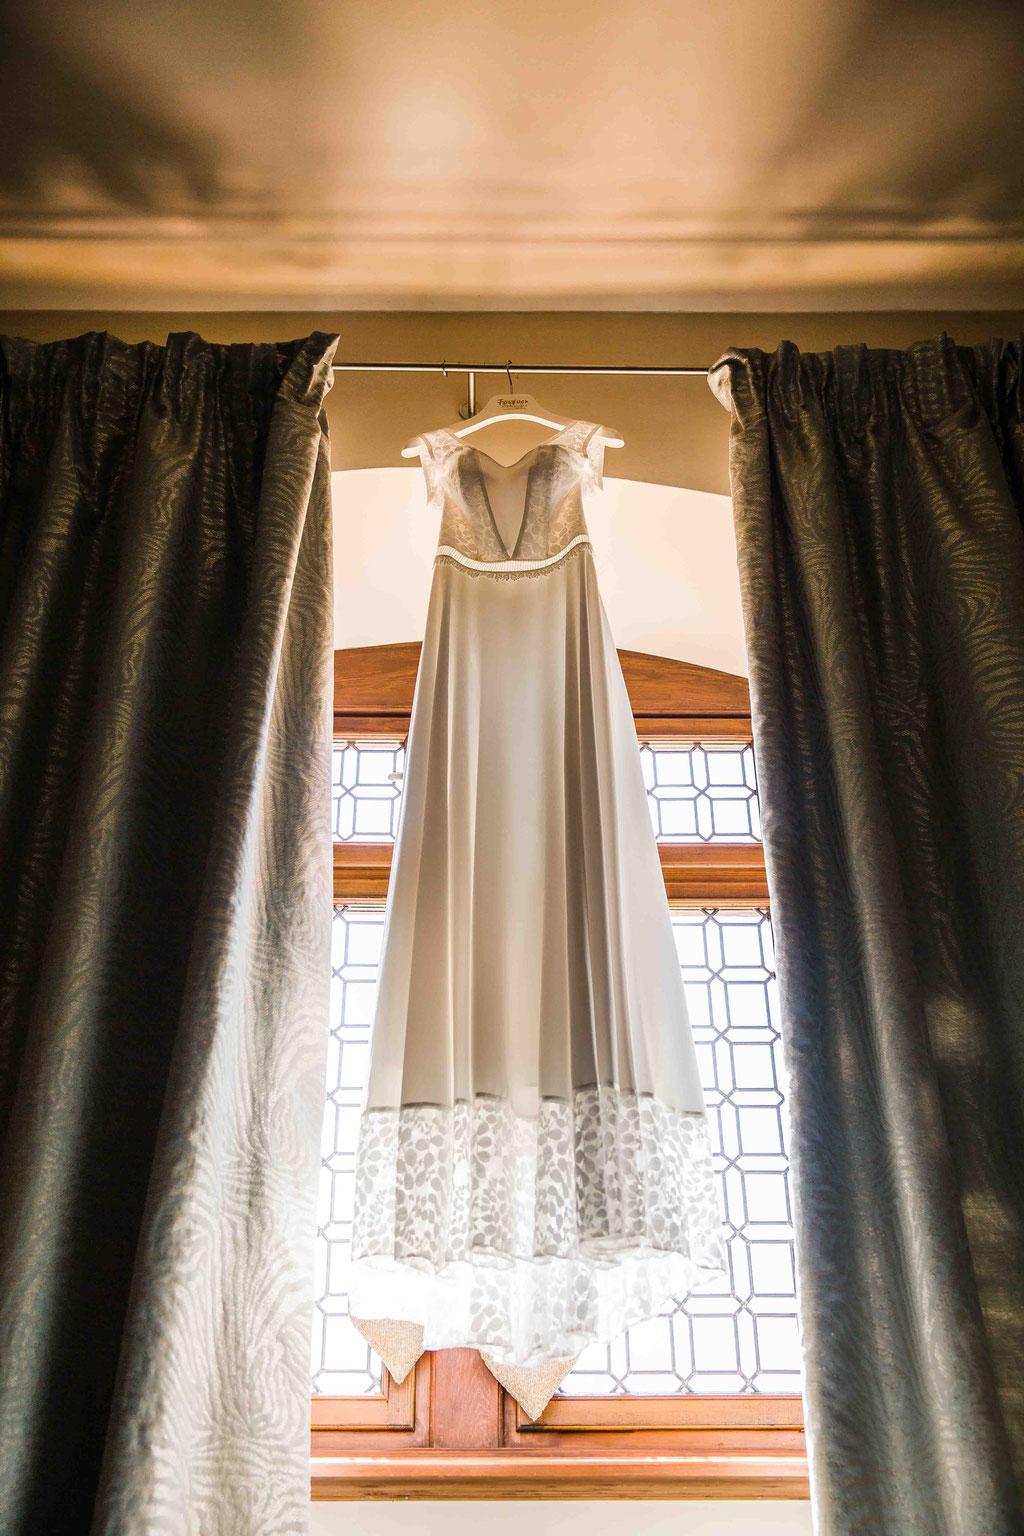 Hochzeitsfotograf, Hochzeitsreportage, Hochzeitslocation Schloss Schönborn Rheingau, Winkeler Str. 64, 65366 Geisenheim, Brautkleid im Gegenlicht, Hochzeitsfoto vom Brautkleid, tolles Foto vom Brautkleid, Brautkleid kreativ fotografiert